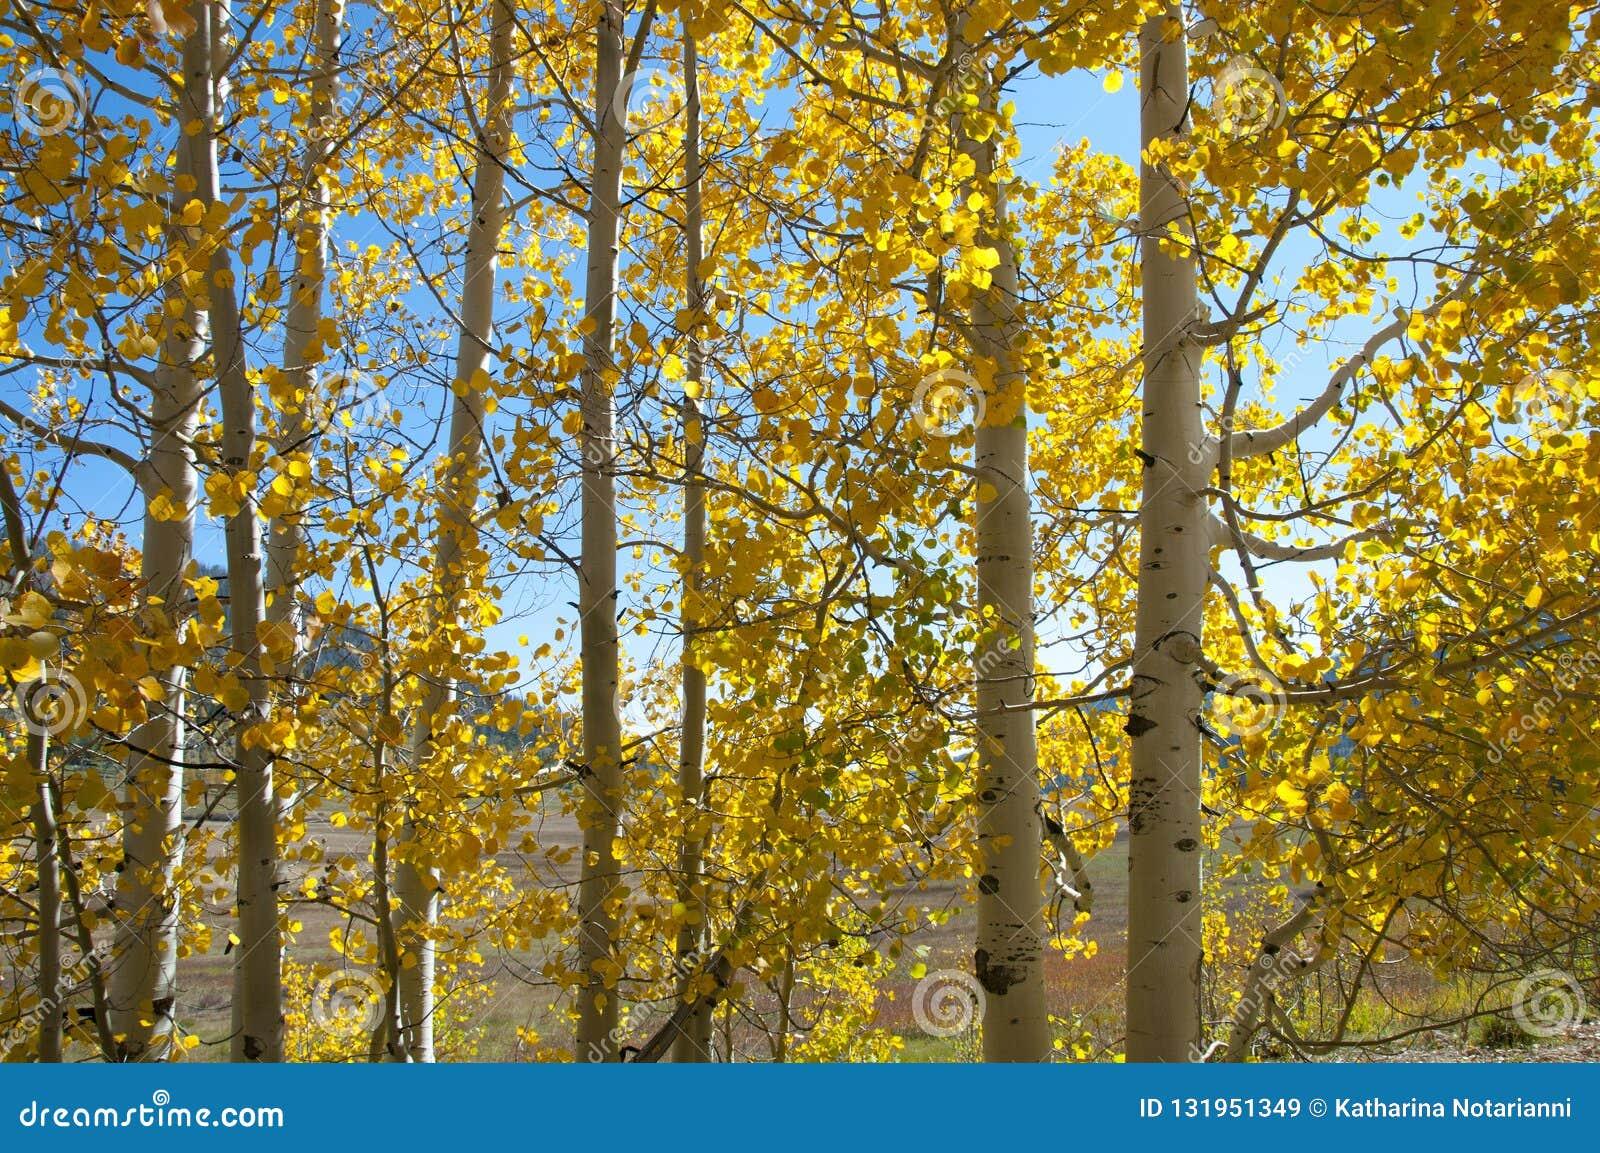 Φύλλωμα πτώσης στα κίτρινα δέντρα της Aspen που επιδεικνύουν τα χρώματα φθινοπώρου τους